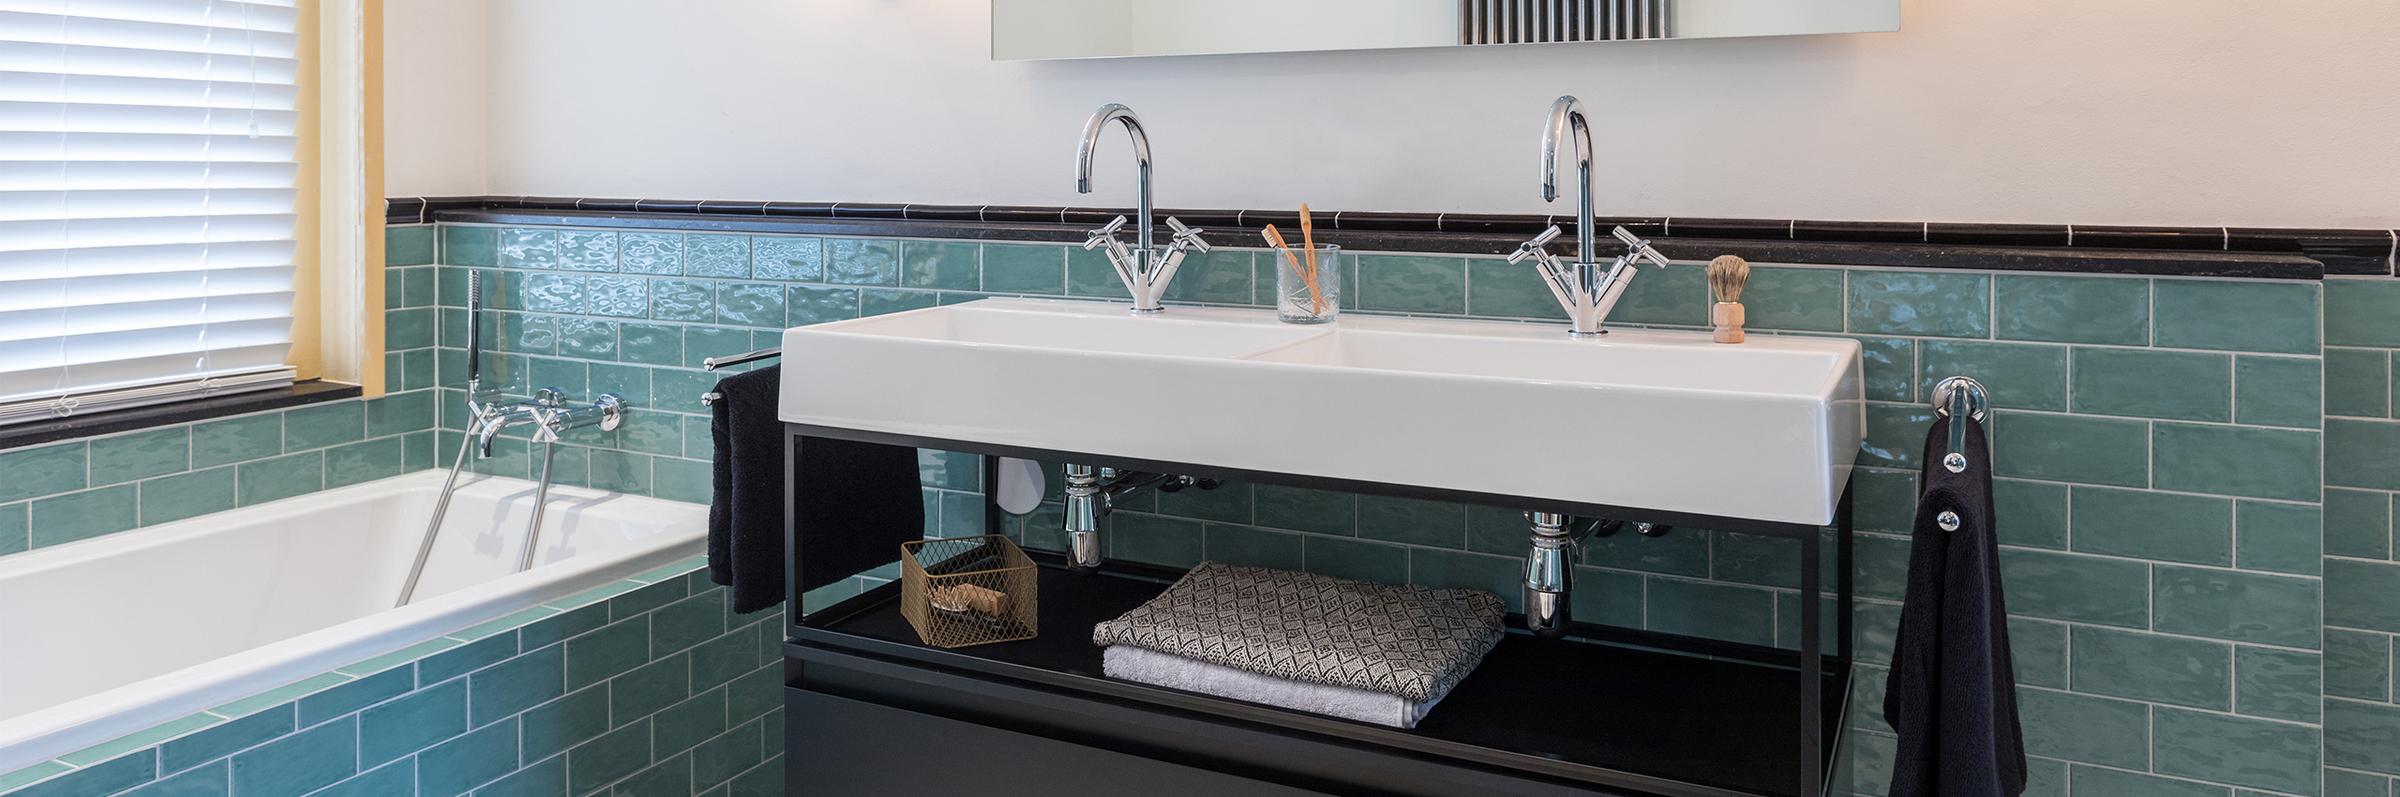 Binnenkijken bij een klassieke badkamer met moderne twist (landelijk en St Pieter) - Binnenkijken bij een klassieke badkamer met moderne twist (landelijk en St Pieter)